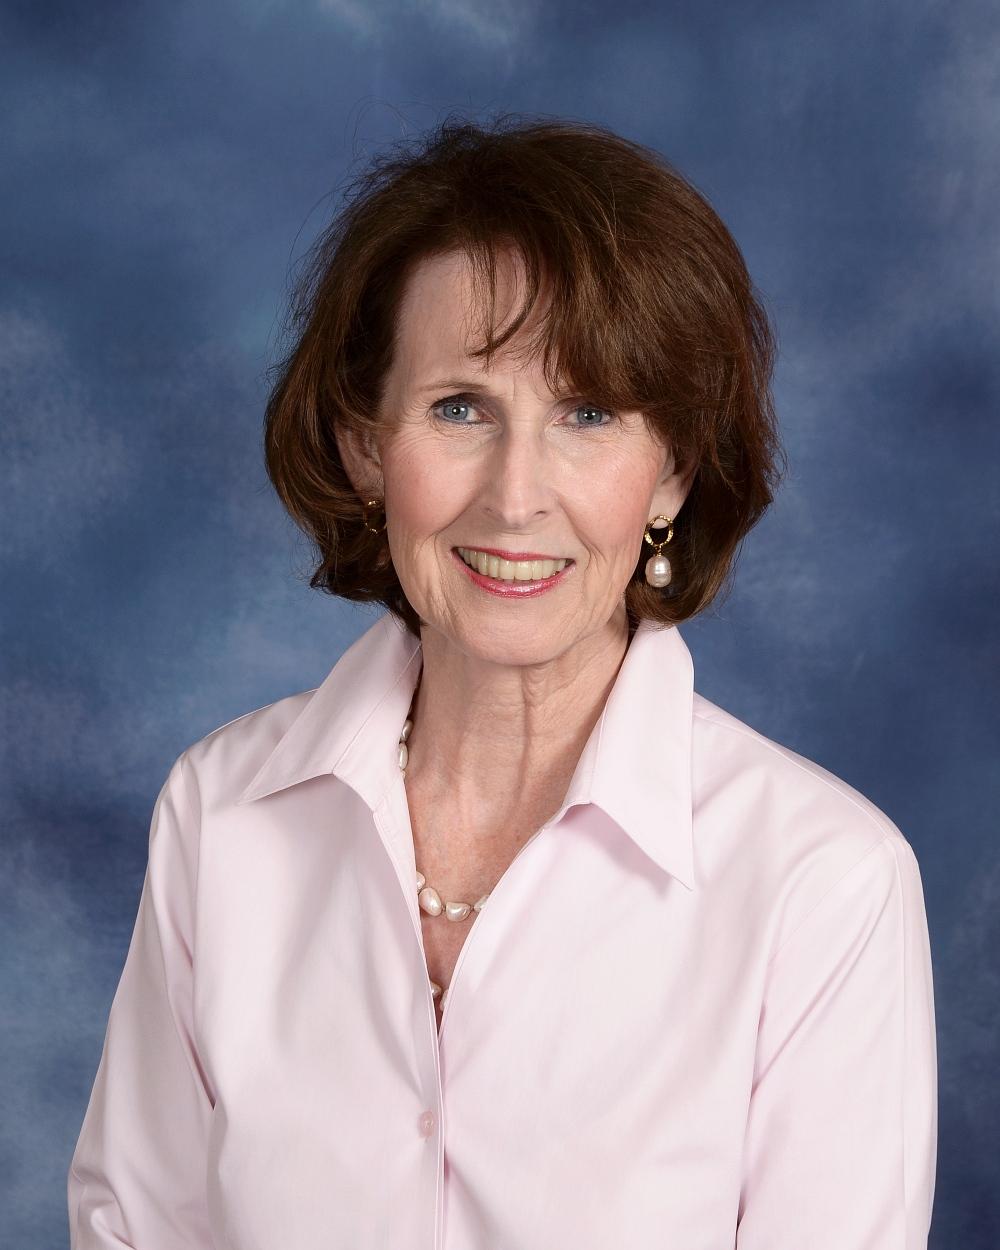 Janet Windsor